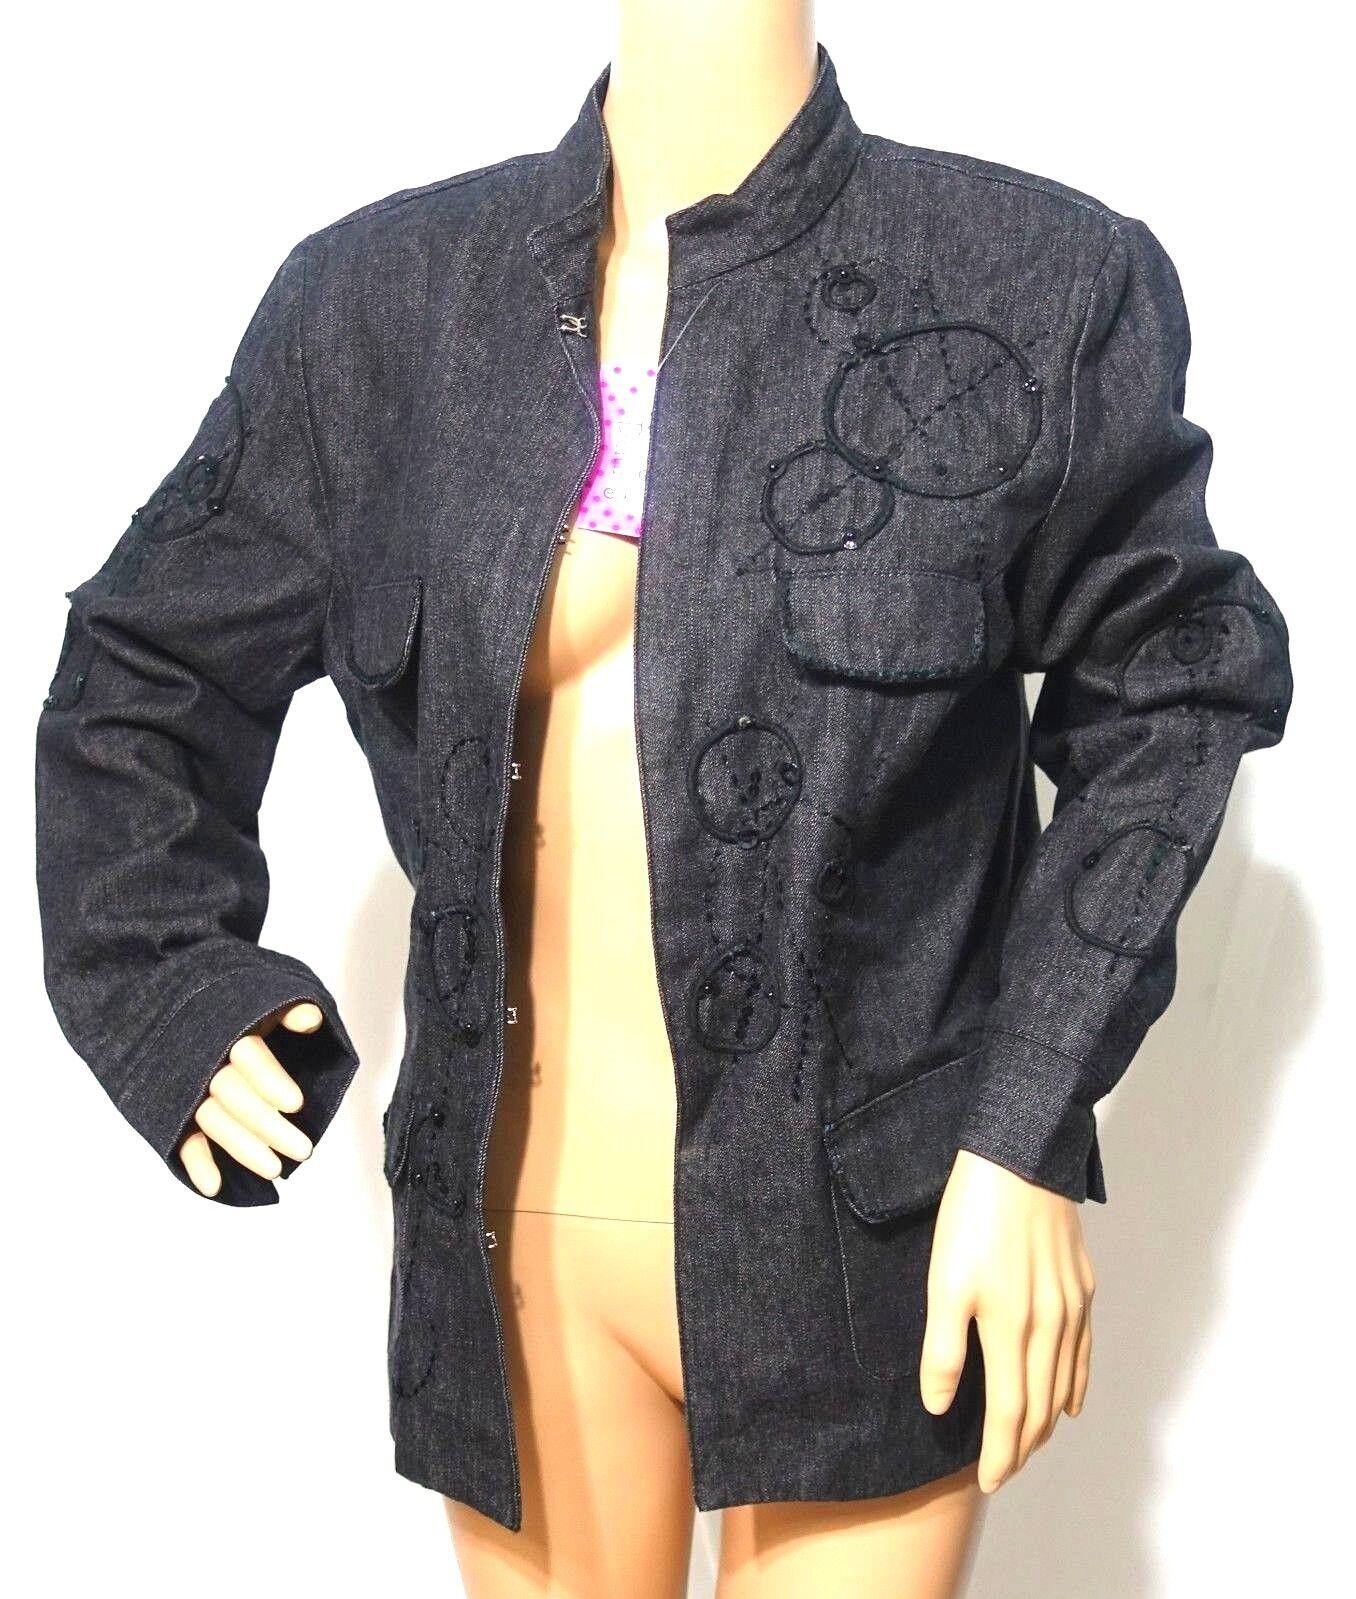 Carol s Jeans Femmes Grande Court Taille 1x Noir Court Grande Veste Haut  Paillettes Poche 9 eed805 28c109dd416f